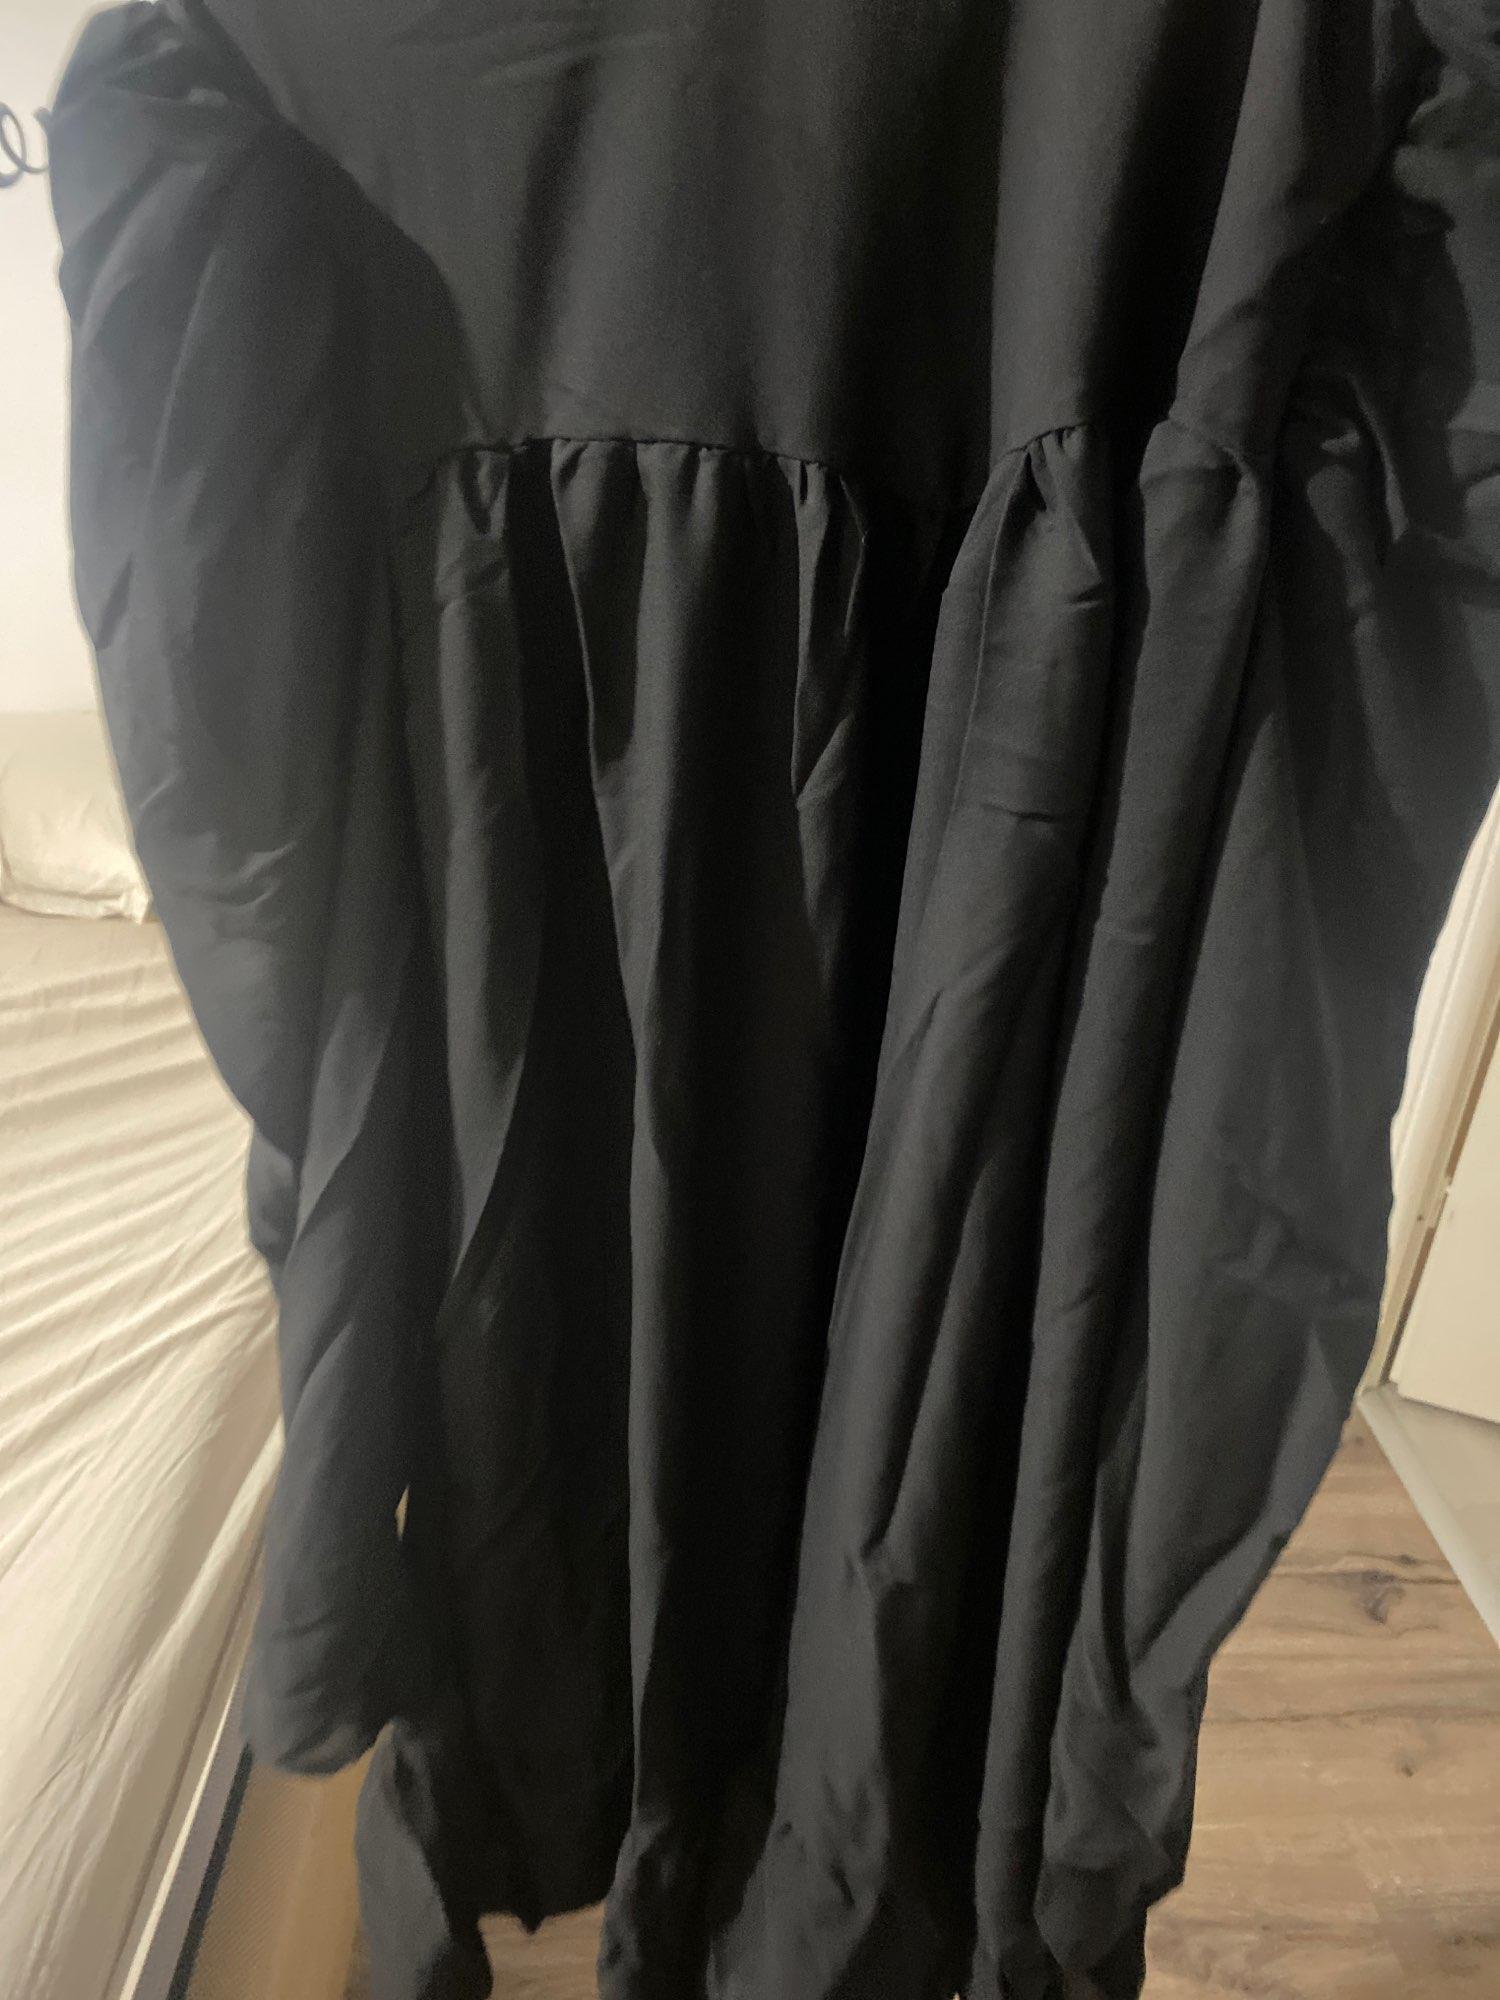 Hot 2019 autumn new fashion women's temperament commuter puff sleeve small high collar natural A word knee Chiffon dress reviews №1 239550